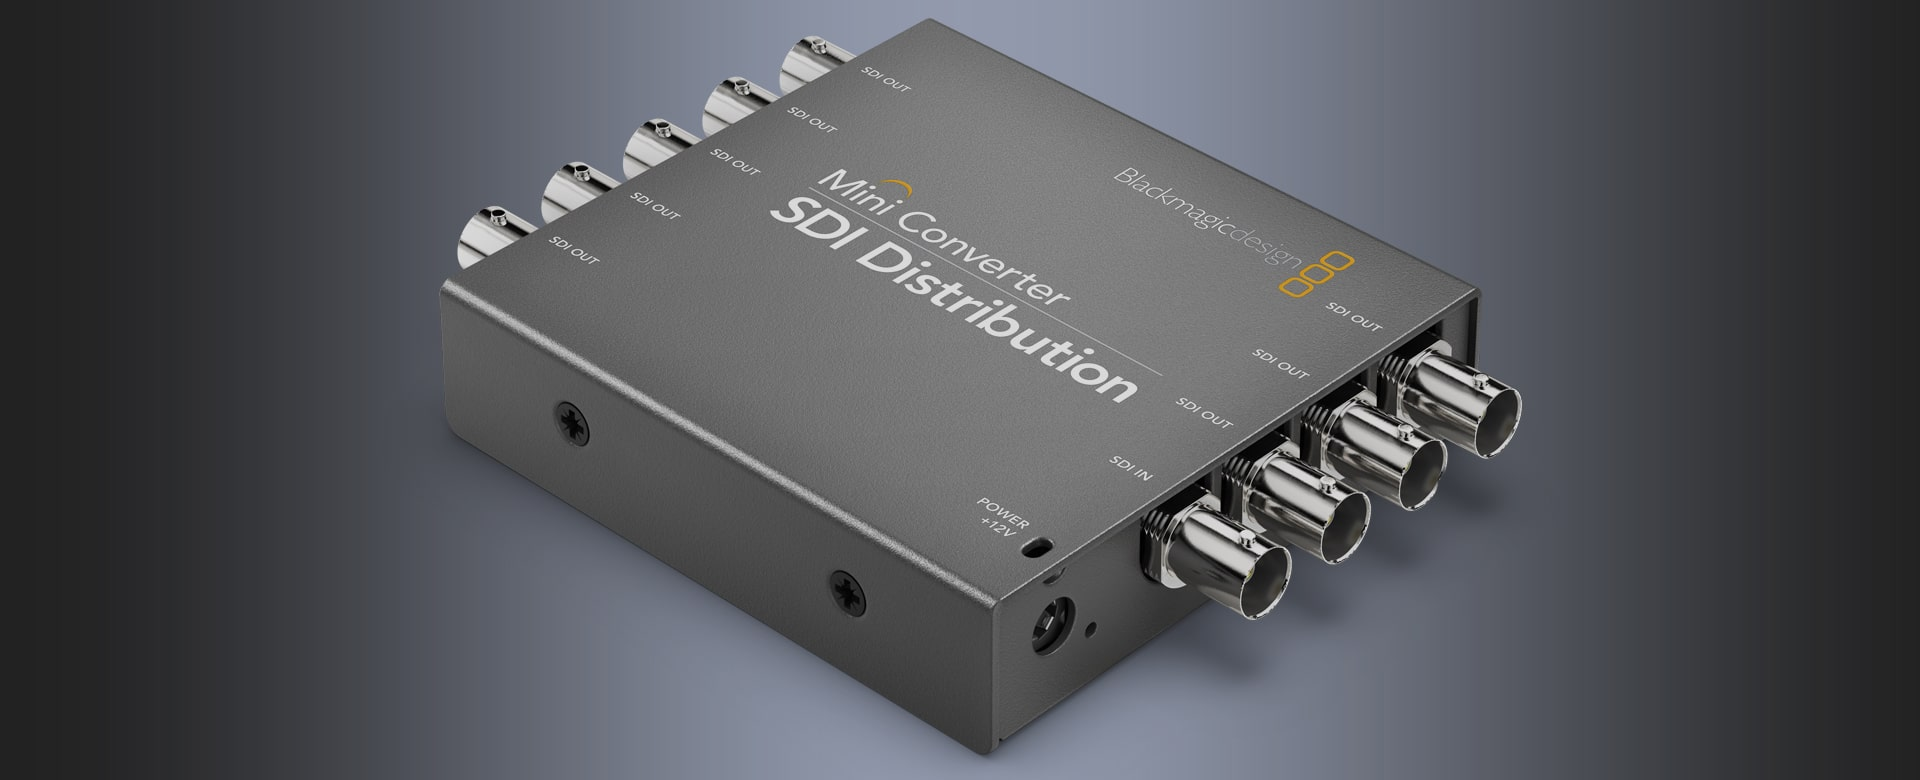 Blackmagic Mini Converter Sdi Multiplex 4k